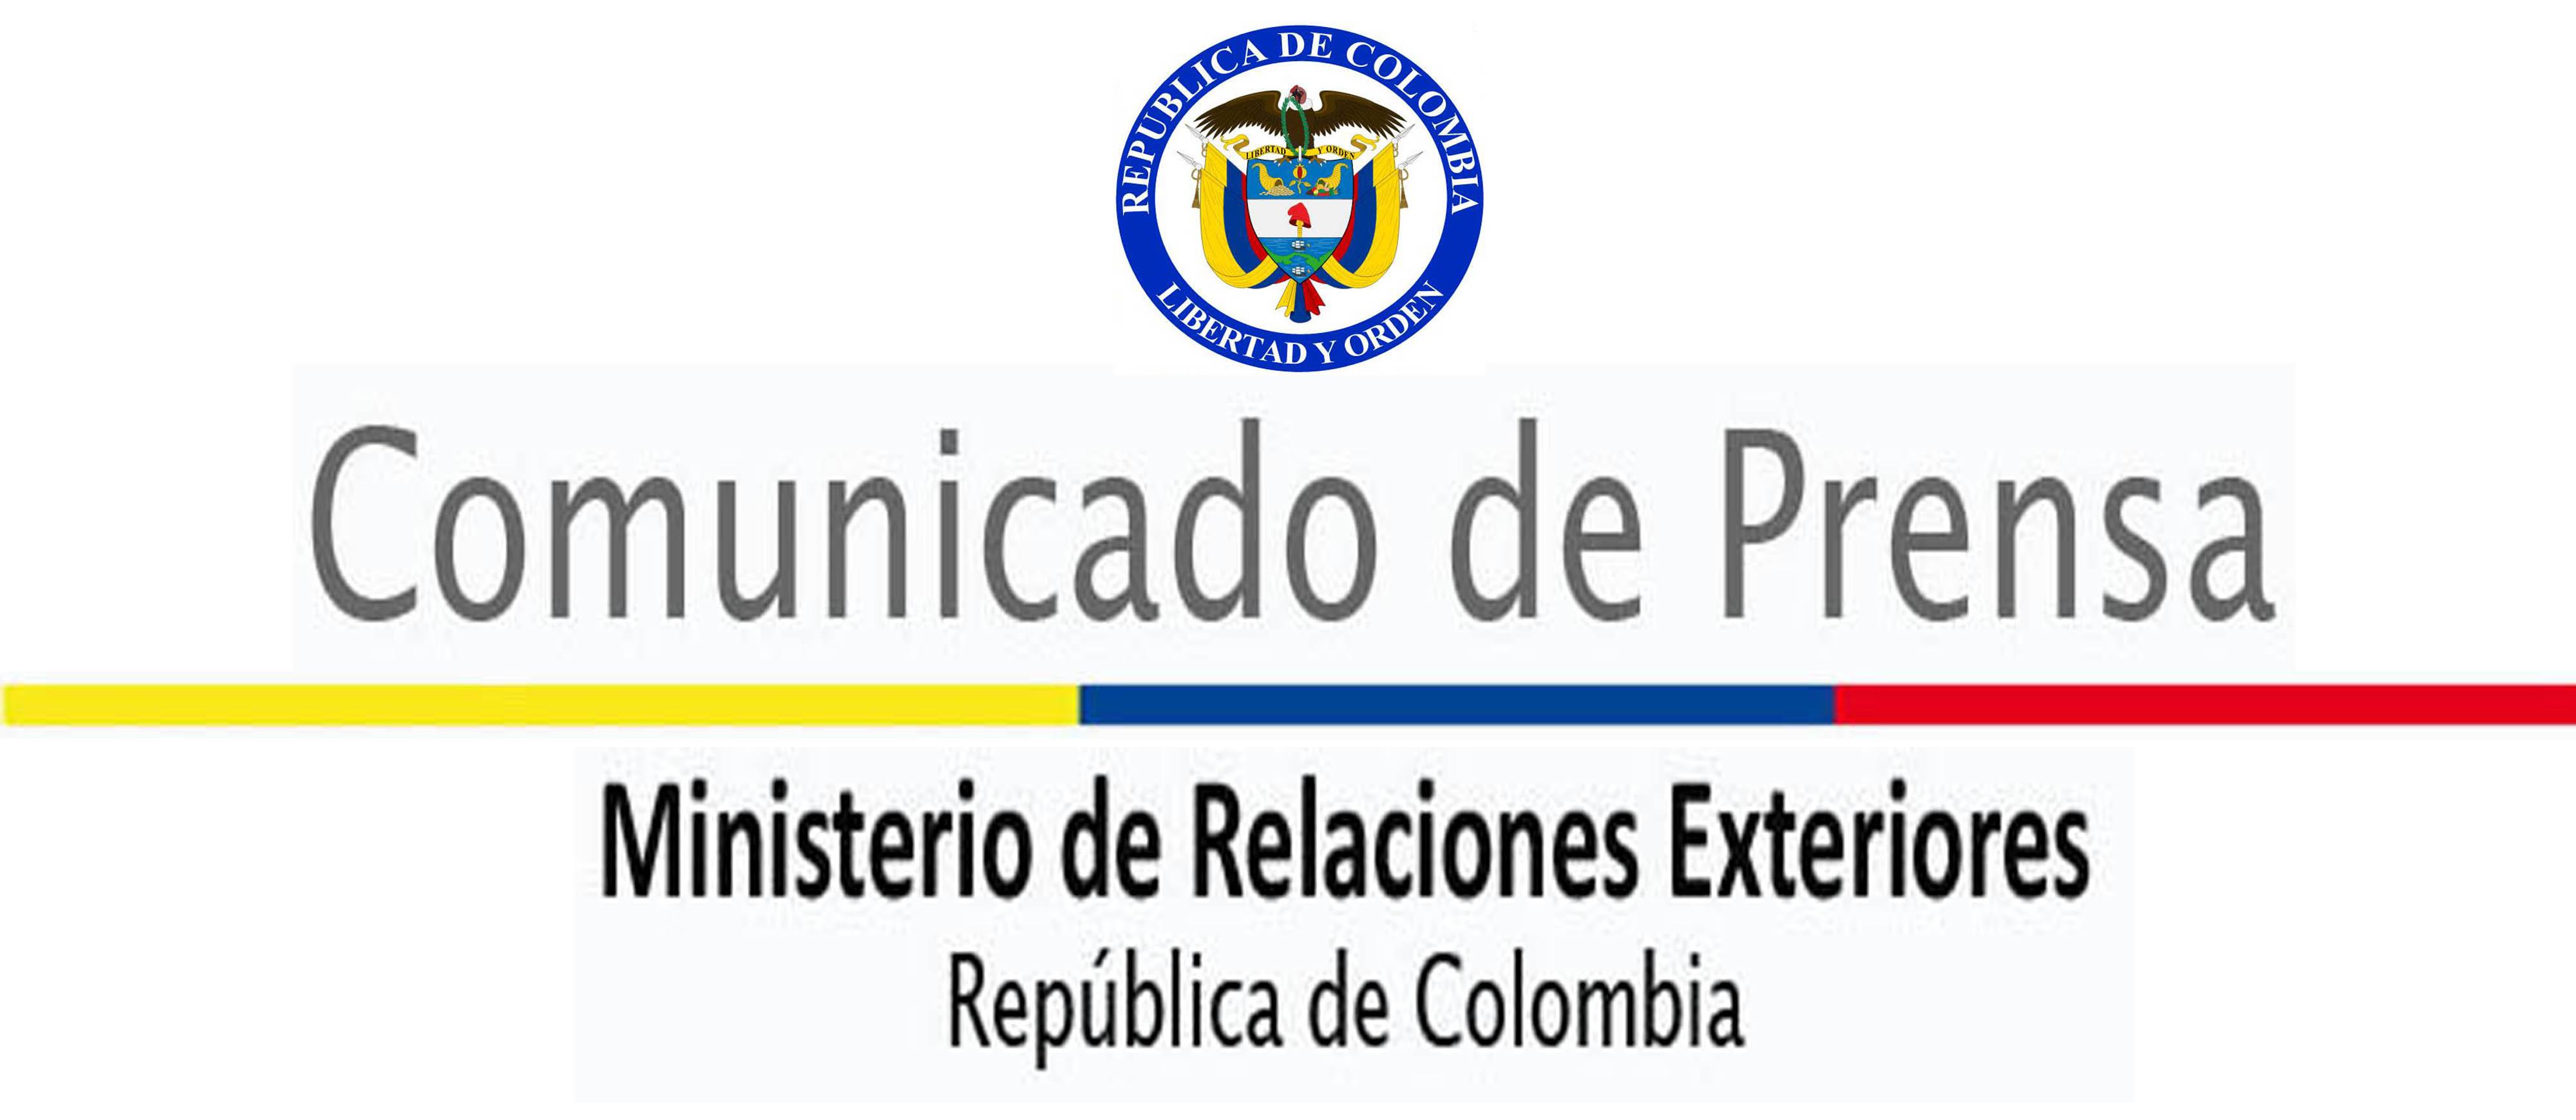 El ministerio de relaciones exteriores se permite informar canciller a for Ministerio relaciones exteriores ecuador